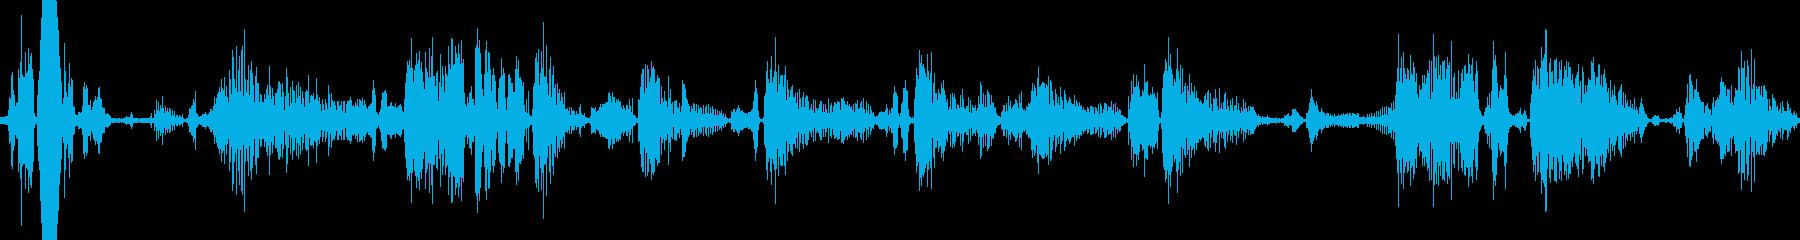 タイガーロアアンドグロールアイドル...の再生済みの波形